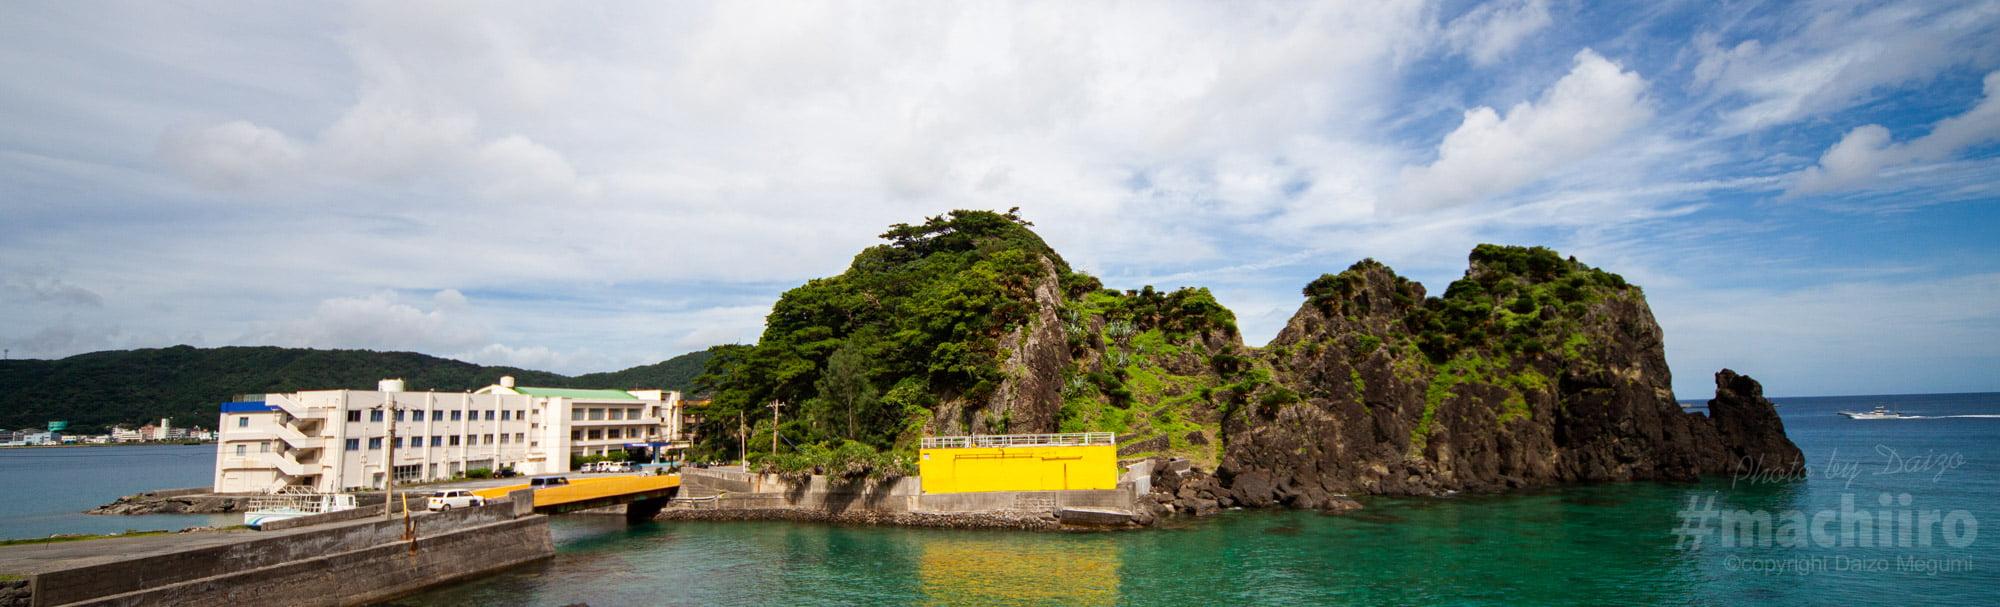 奄美探訪 山羊島 Machiiro バナー 1